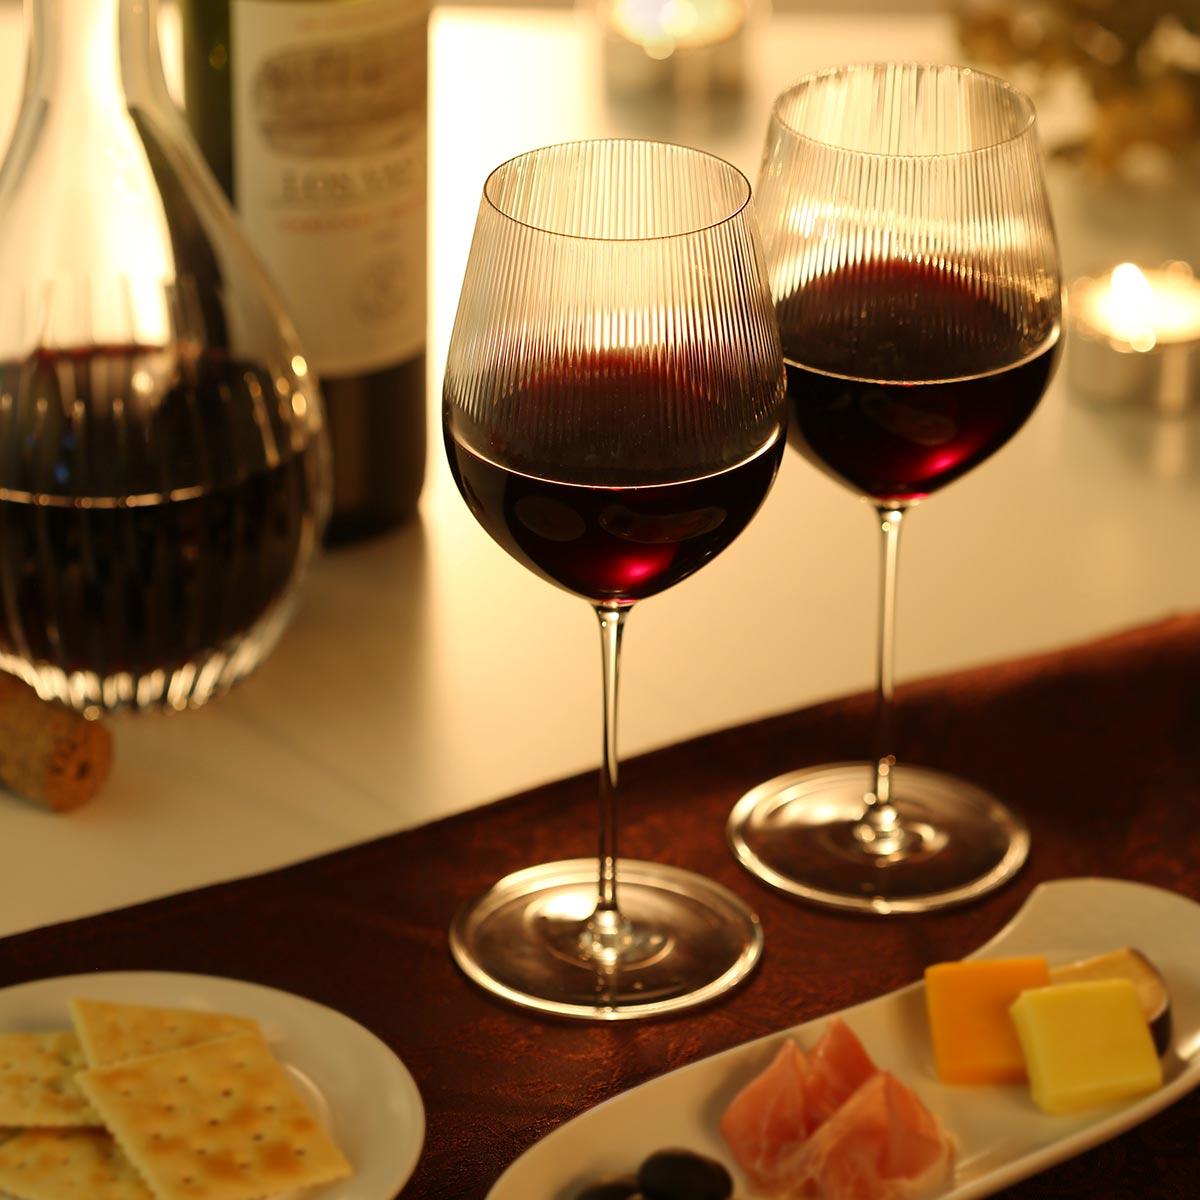 Le Vin ル・ヴァン アメージング 1861-04ワイン 満400ml H20.5cm